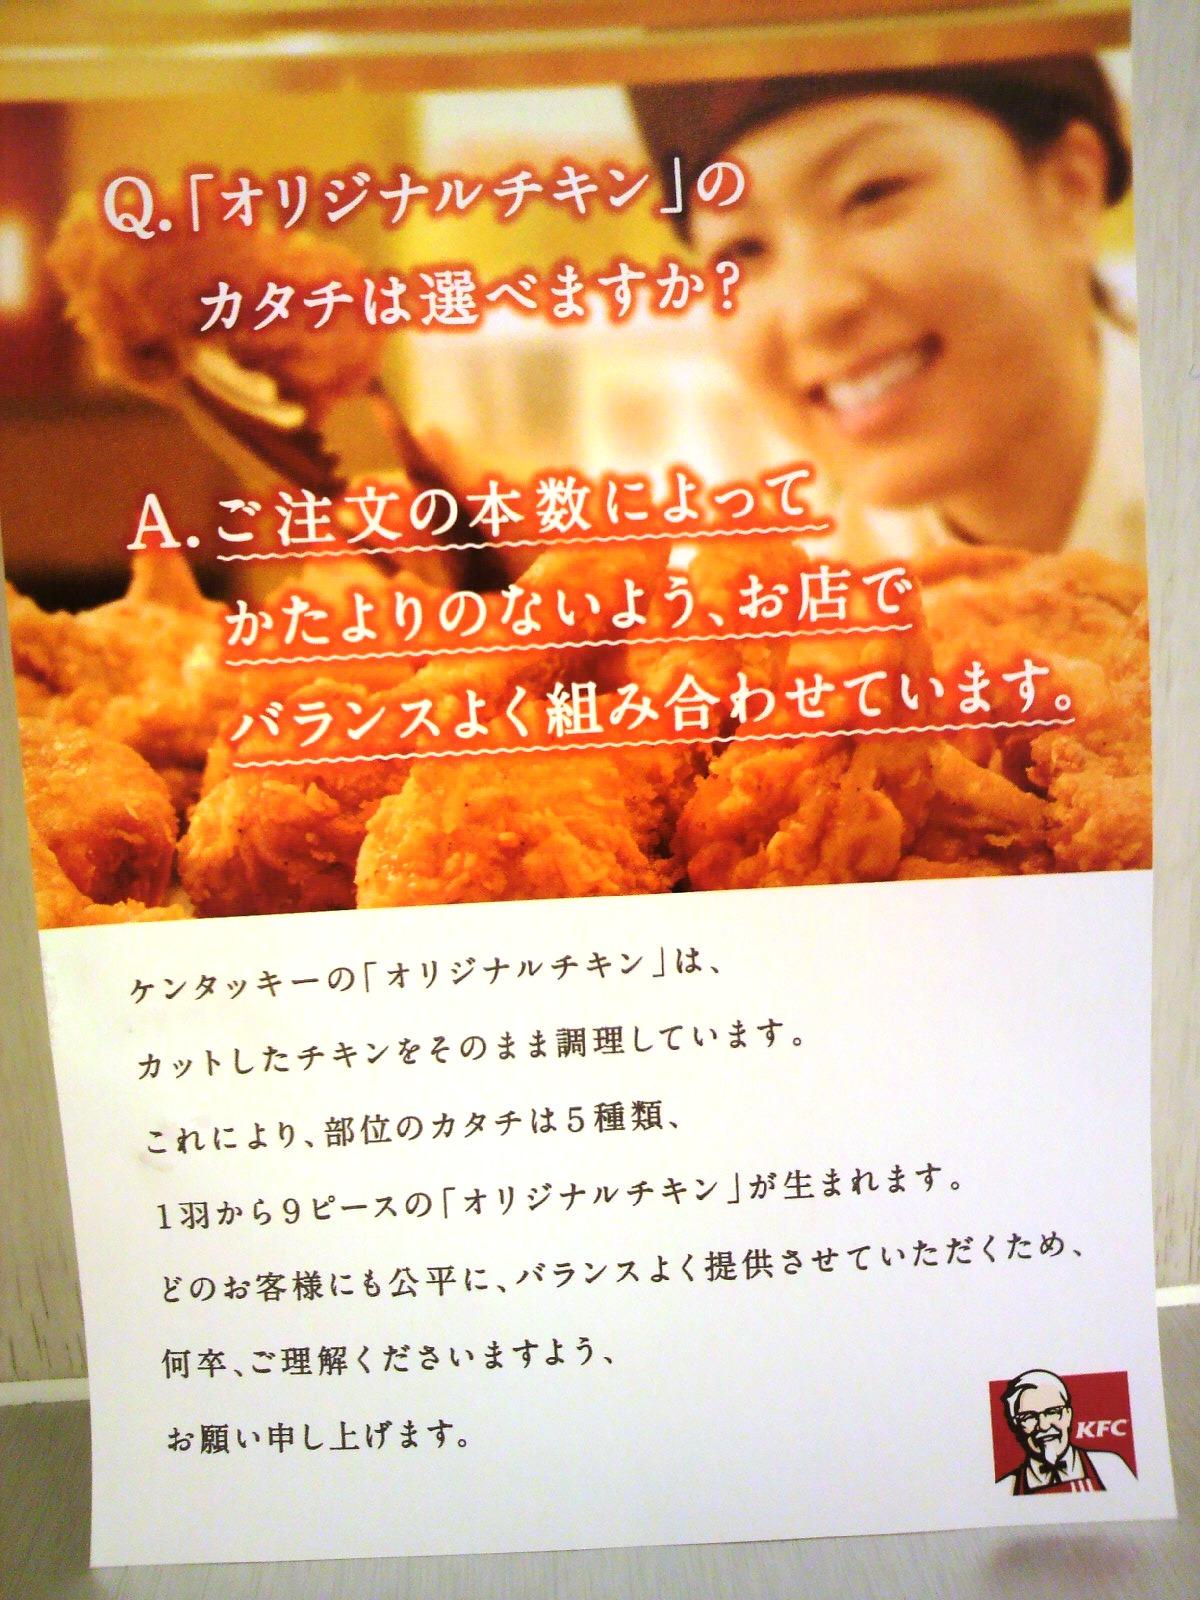 ケンタッキーフライドチキン 生駒駅前店